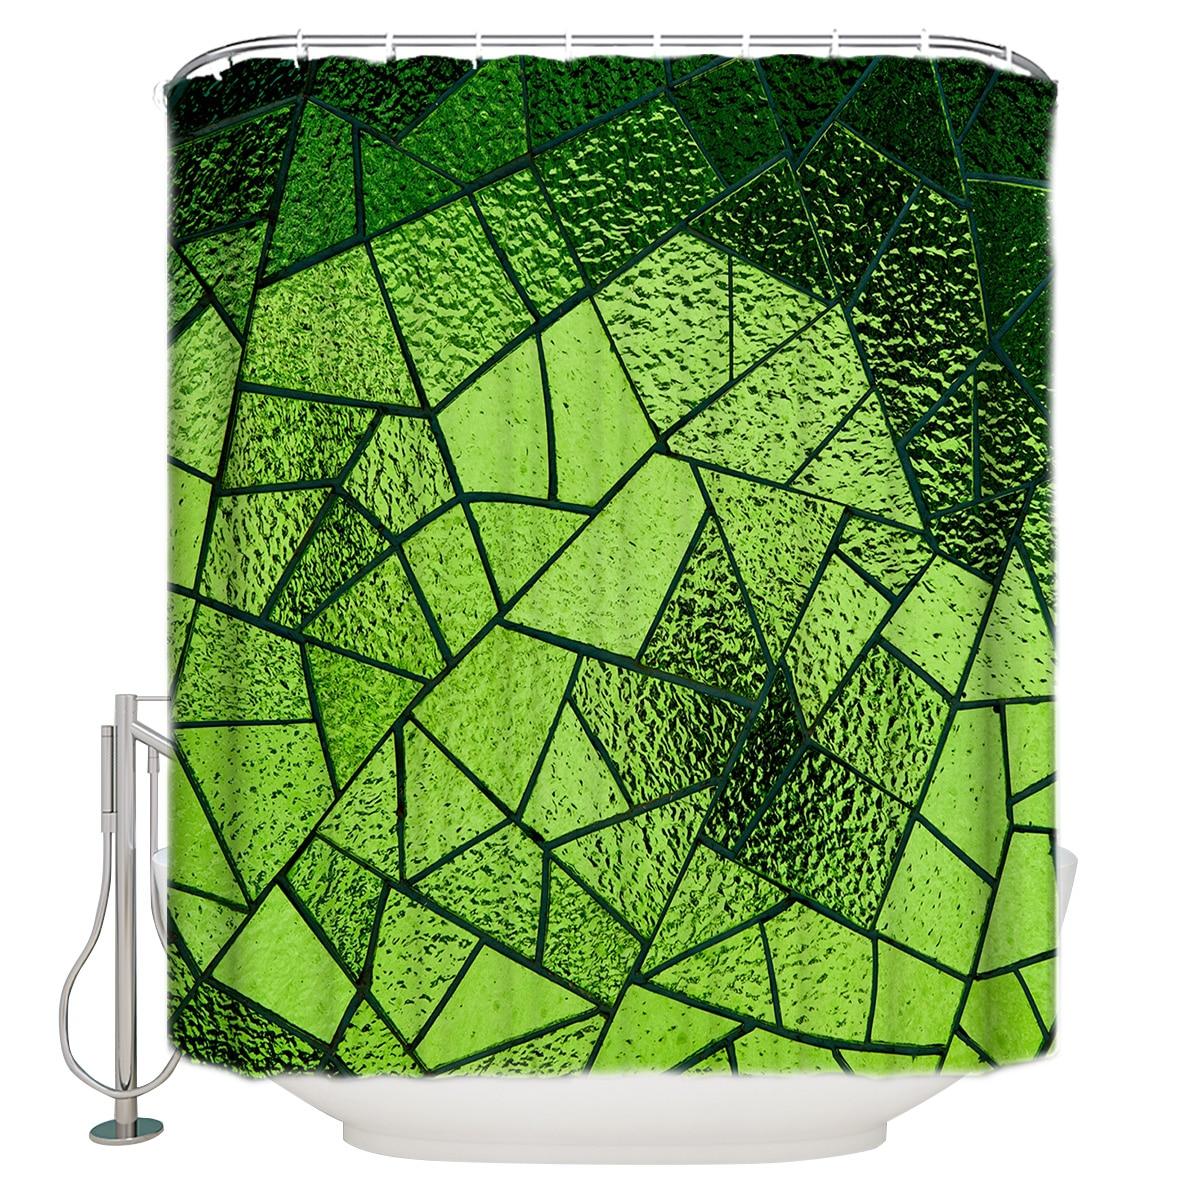 ستارة الحمام WARMTOUR ستارة الحمام الزجاجية الخضراء الهندسة ديكور الحمام مع السنانير